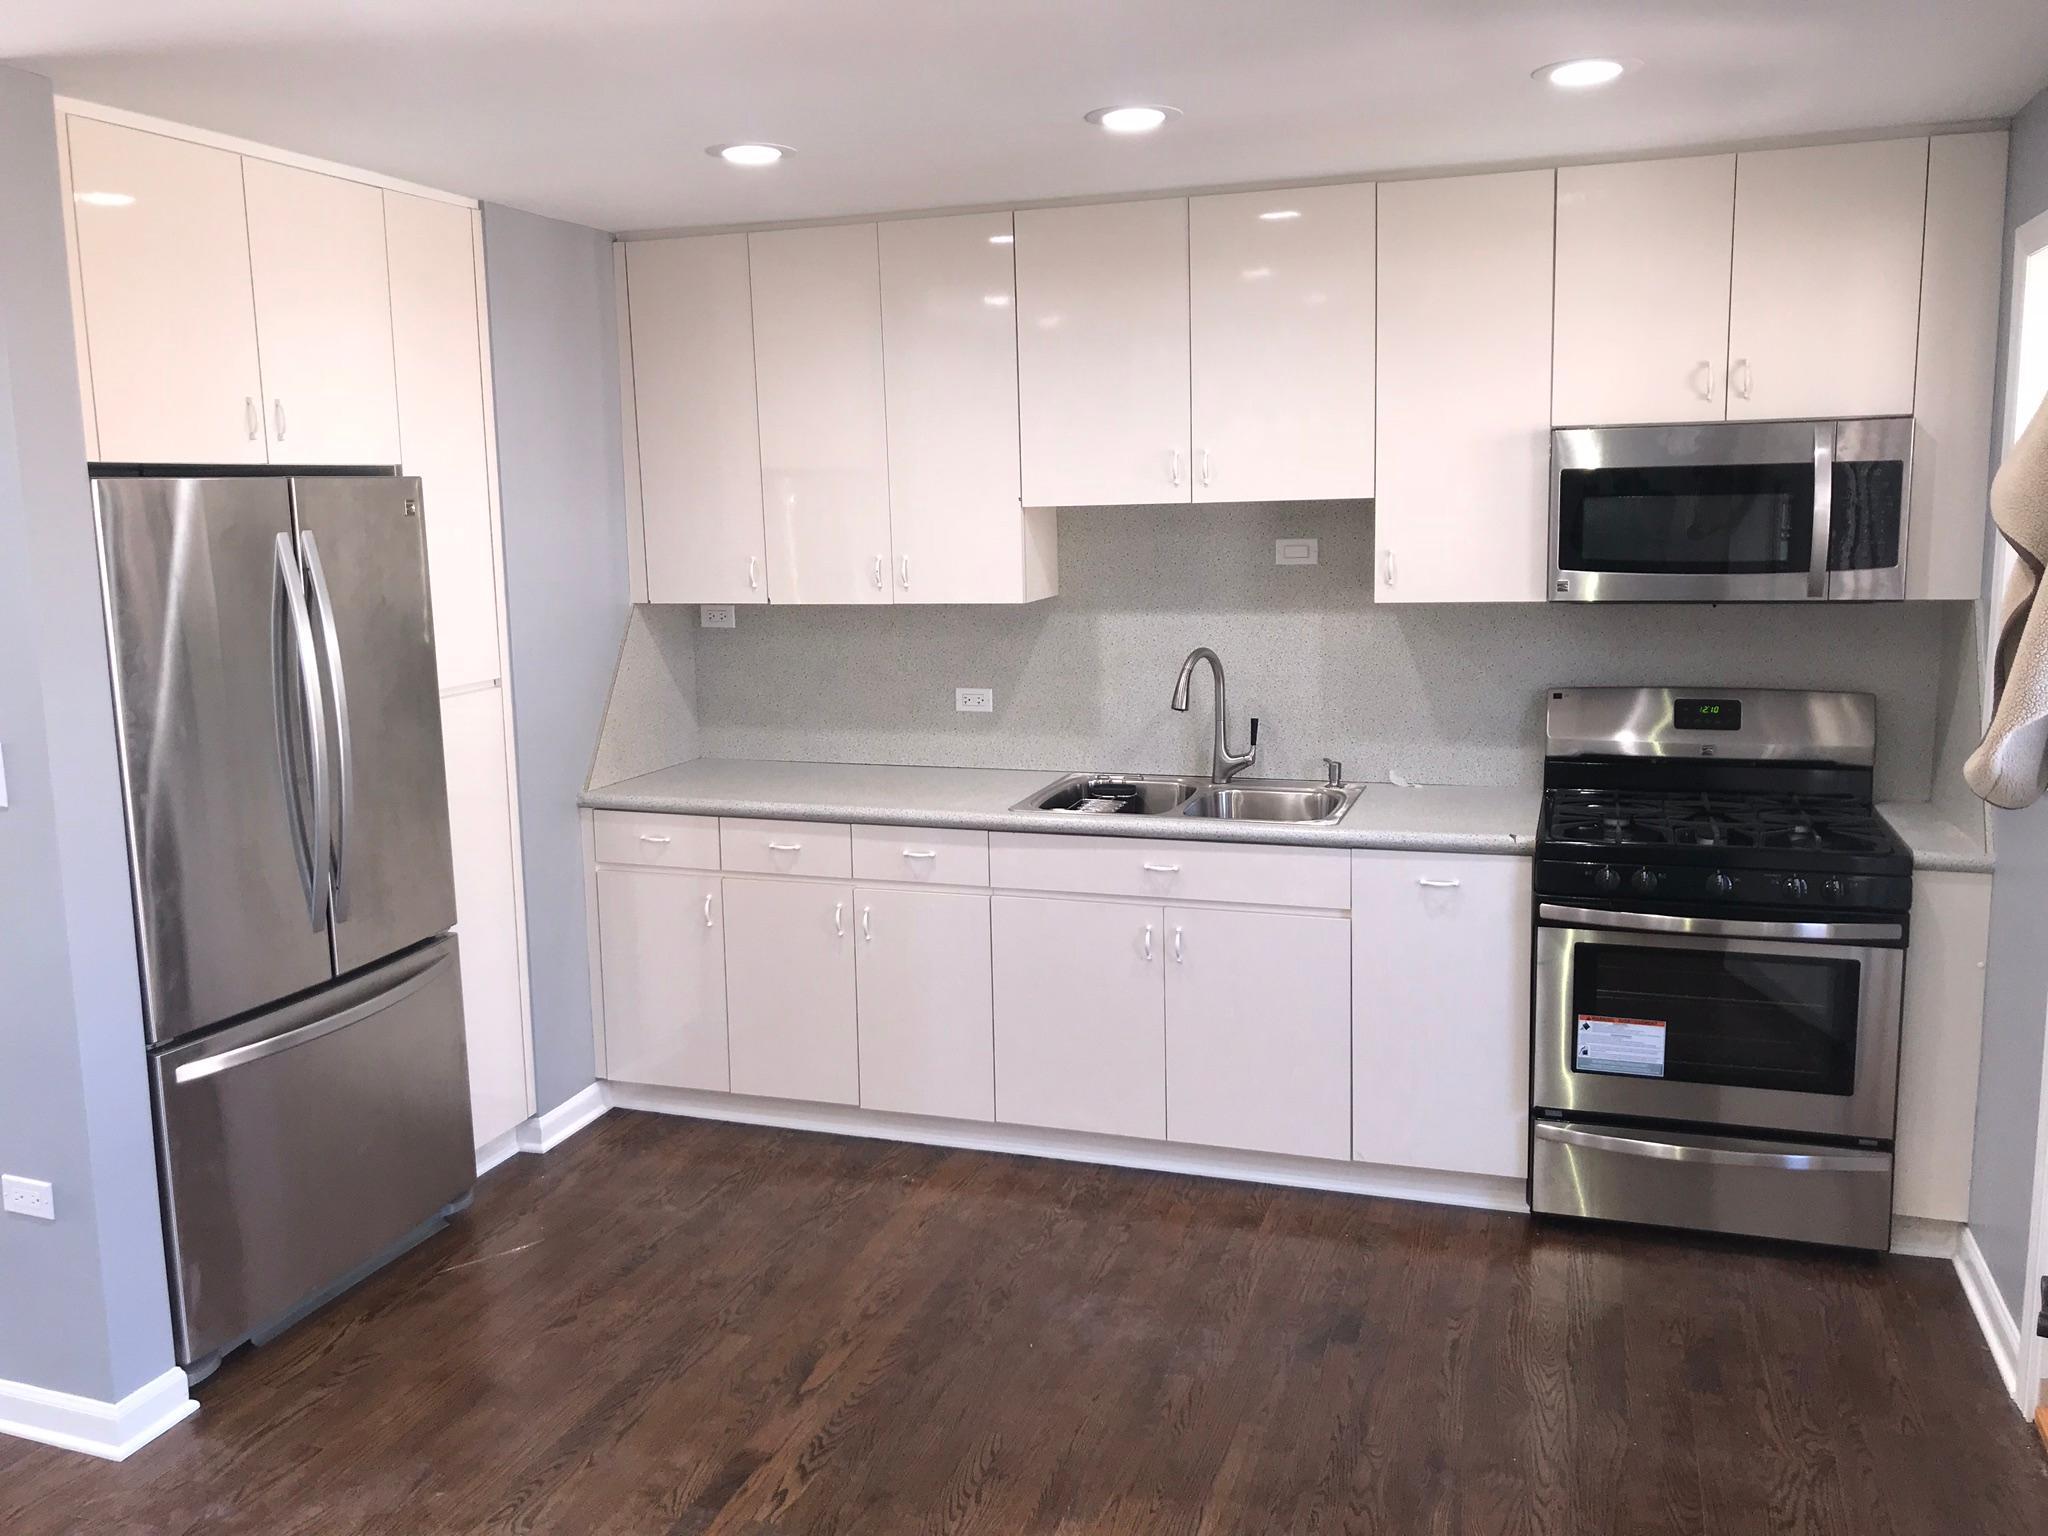 Bronx Ave For Rent Skokie IL Trulia - Bathroom remodeling skokie il